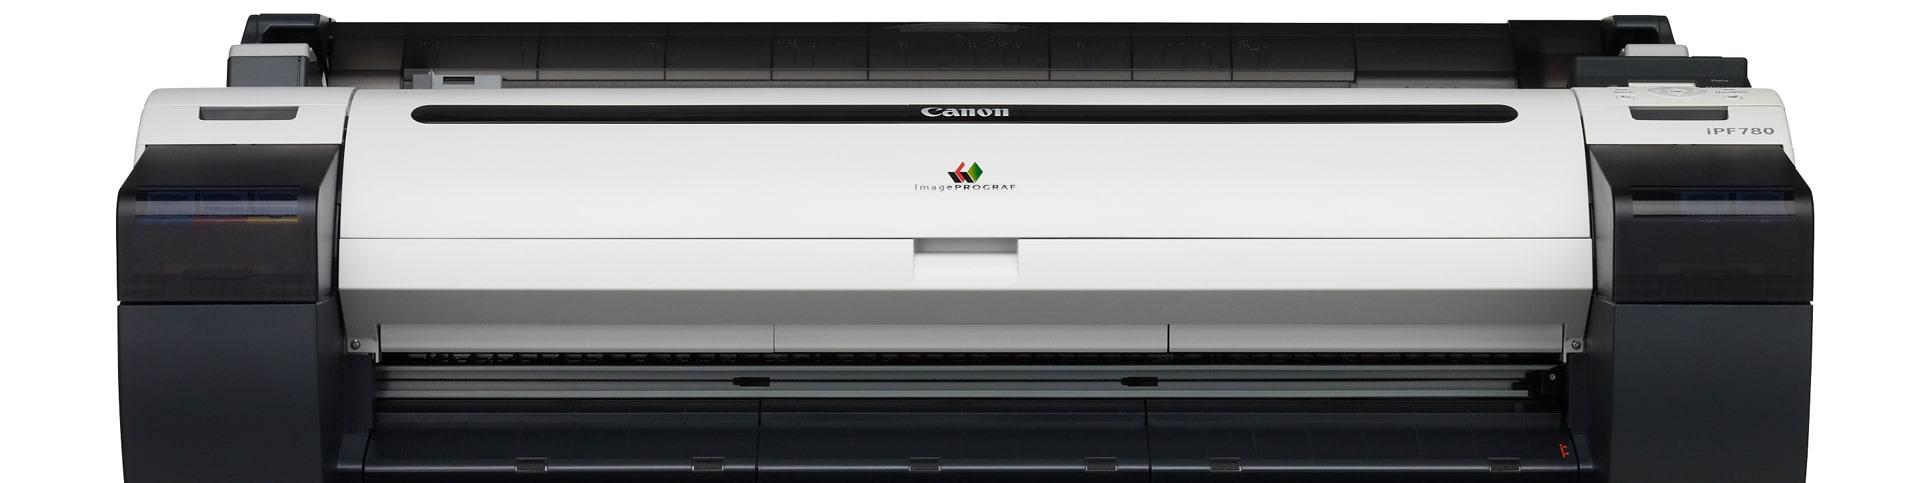 Großformat-Drucksysteme für die professionelle Produktion von CAD, GIS und Plakaten bietet triPlus